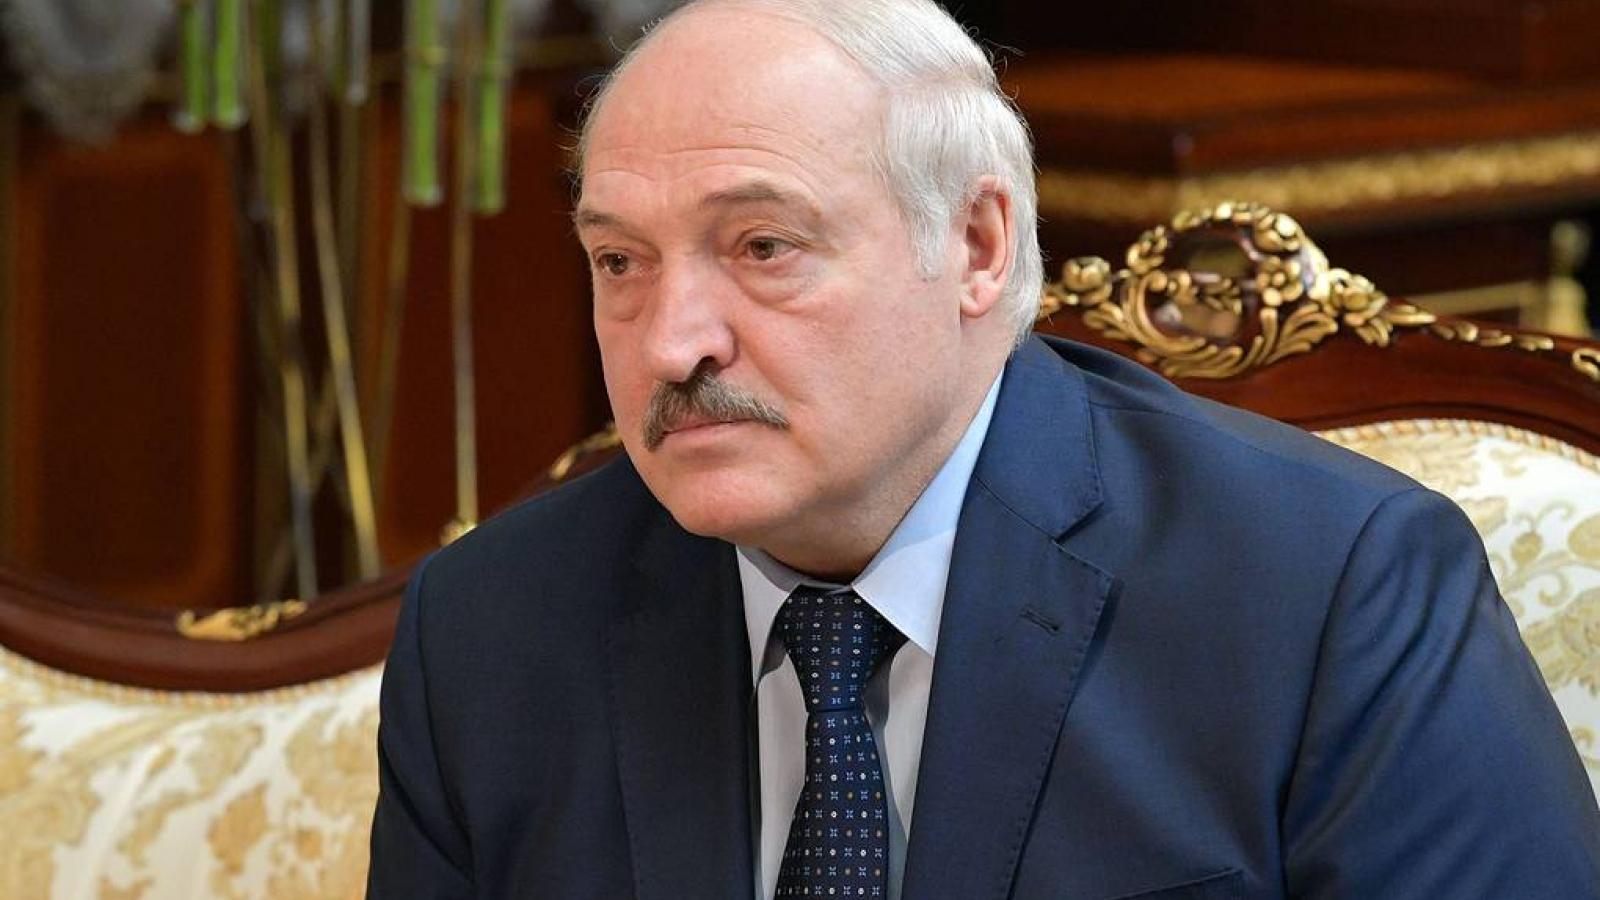 Tổng thống Belarus ký sắc lệnh về bảo vệ chủ quyền và cấu trúc hiến pháp